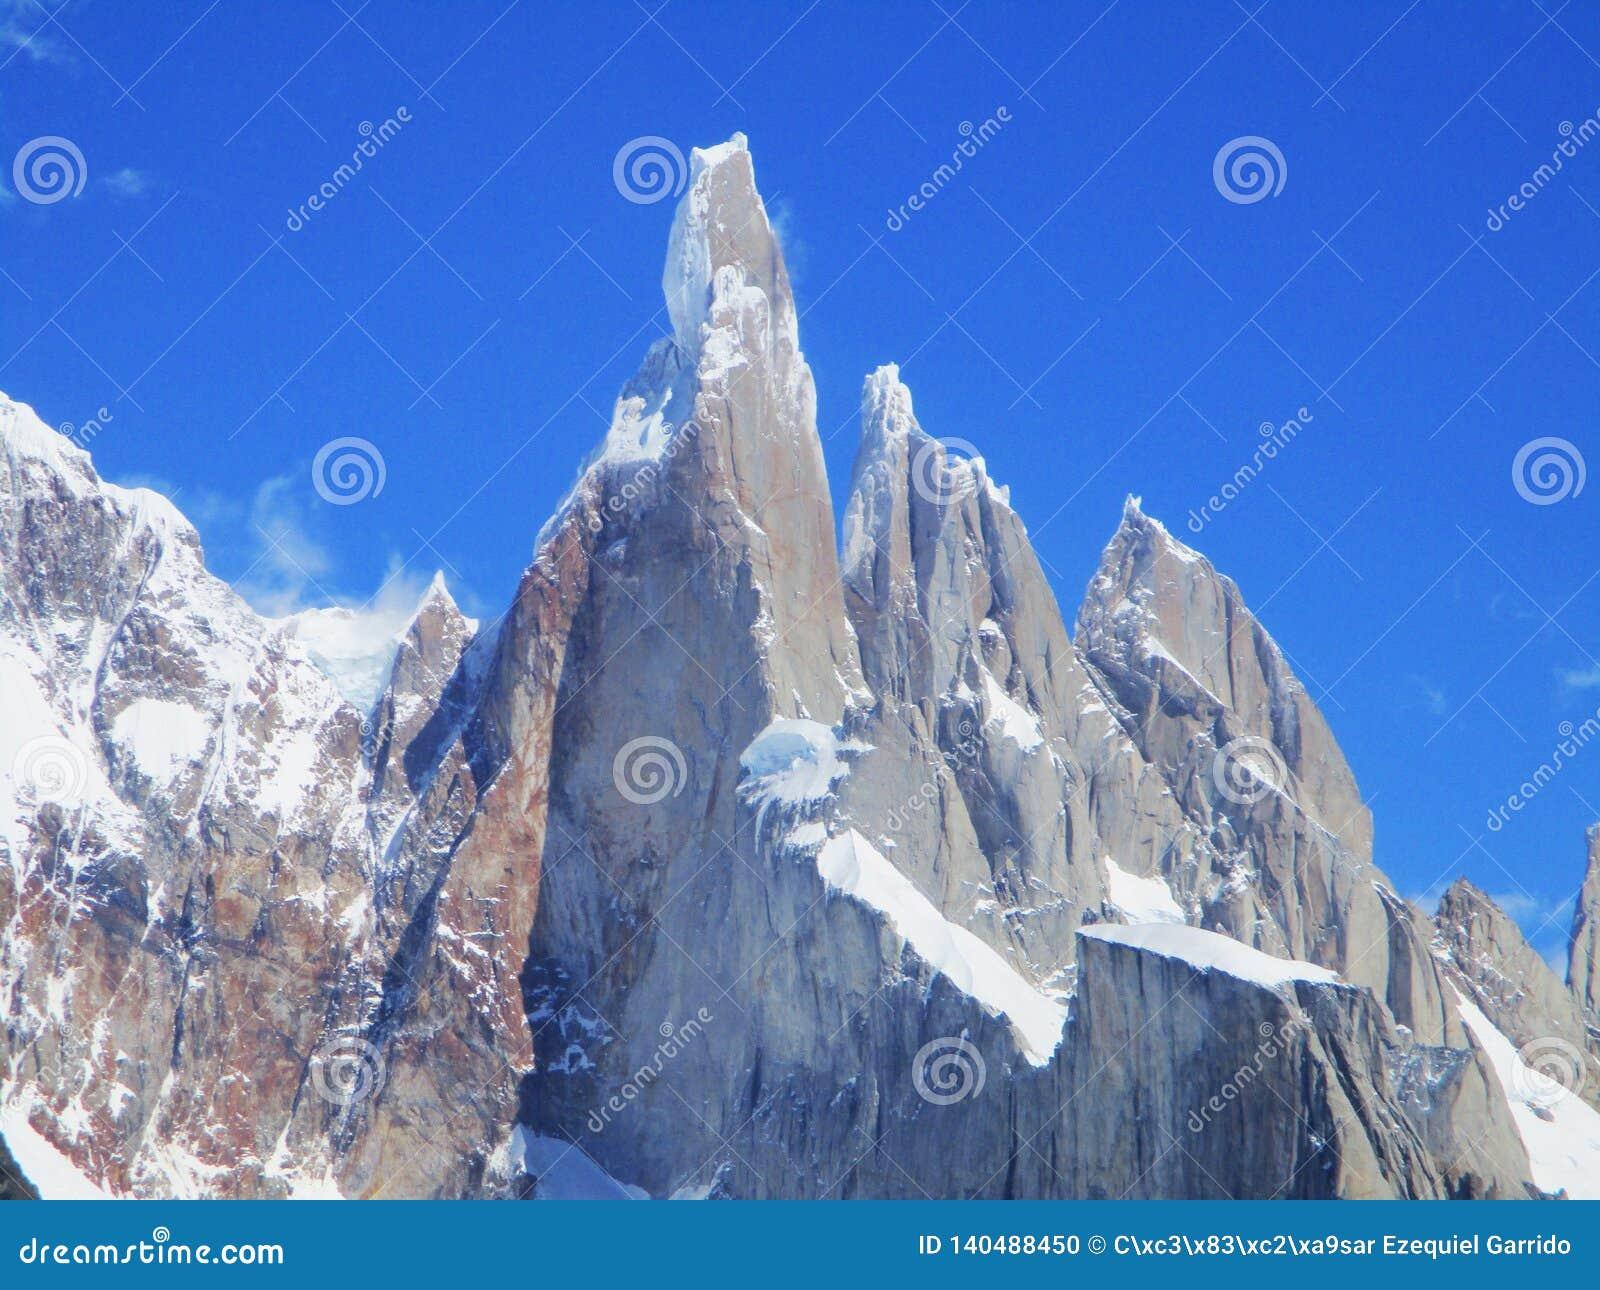 Cerro Torre Groot Close-up, Trekking Gr Chalten Argentinië